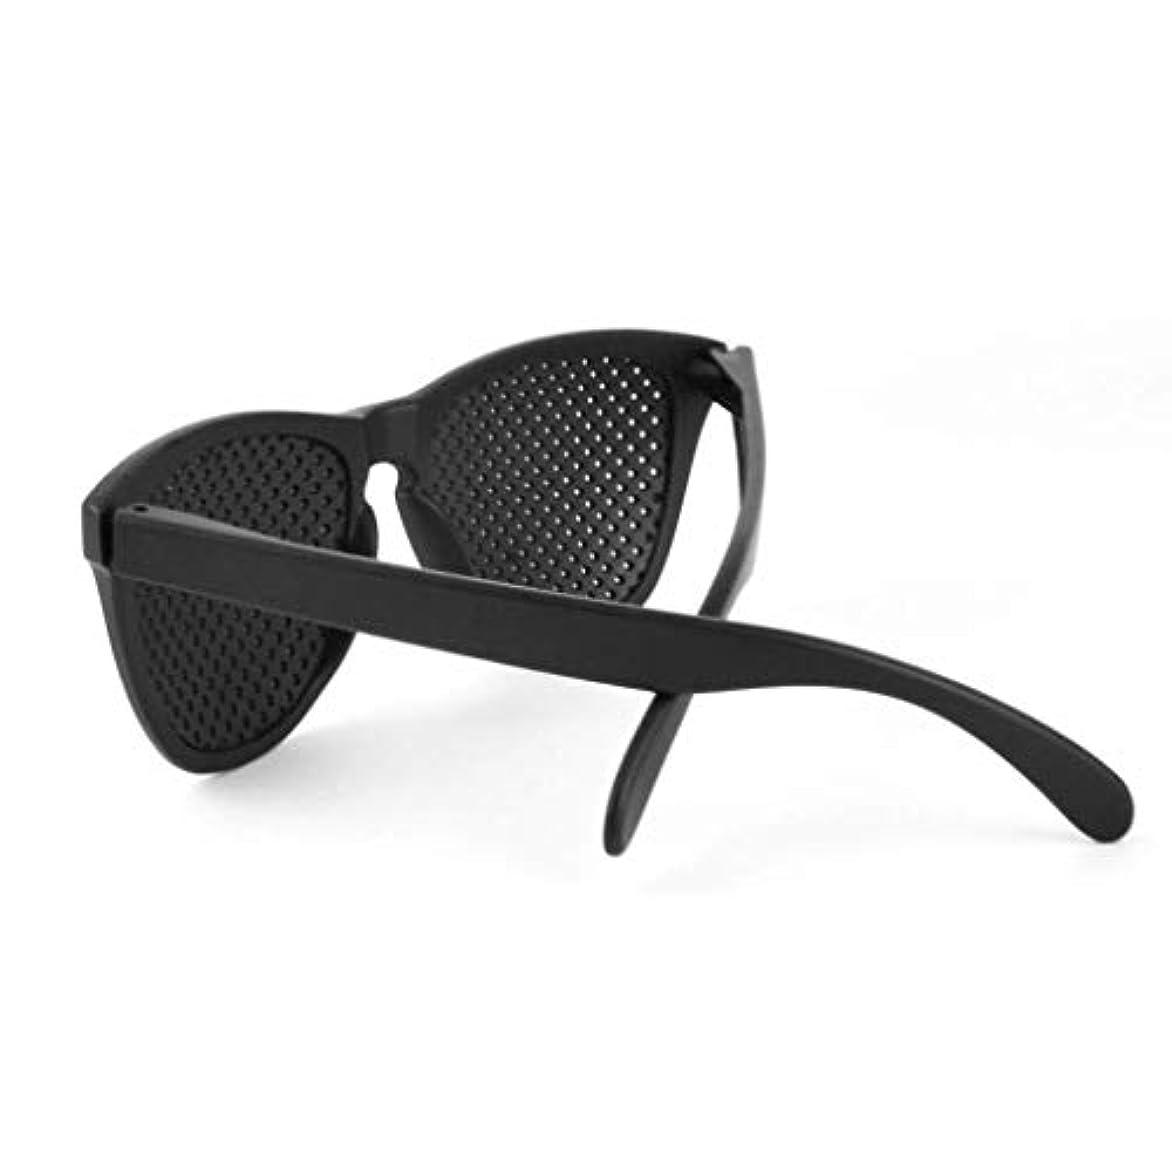 痛い線ひねりピンホールメガネ、視力矯正メガネ網状視力保護メガネ耐疲労性メガネ近視の防止メガネの改善